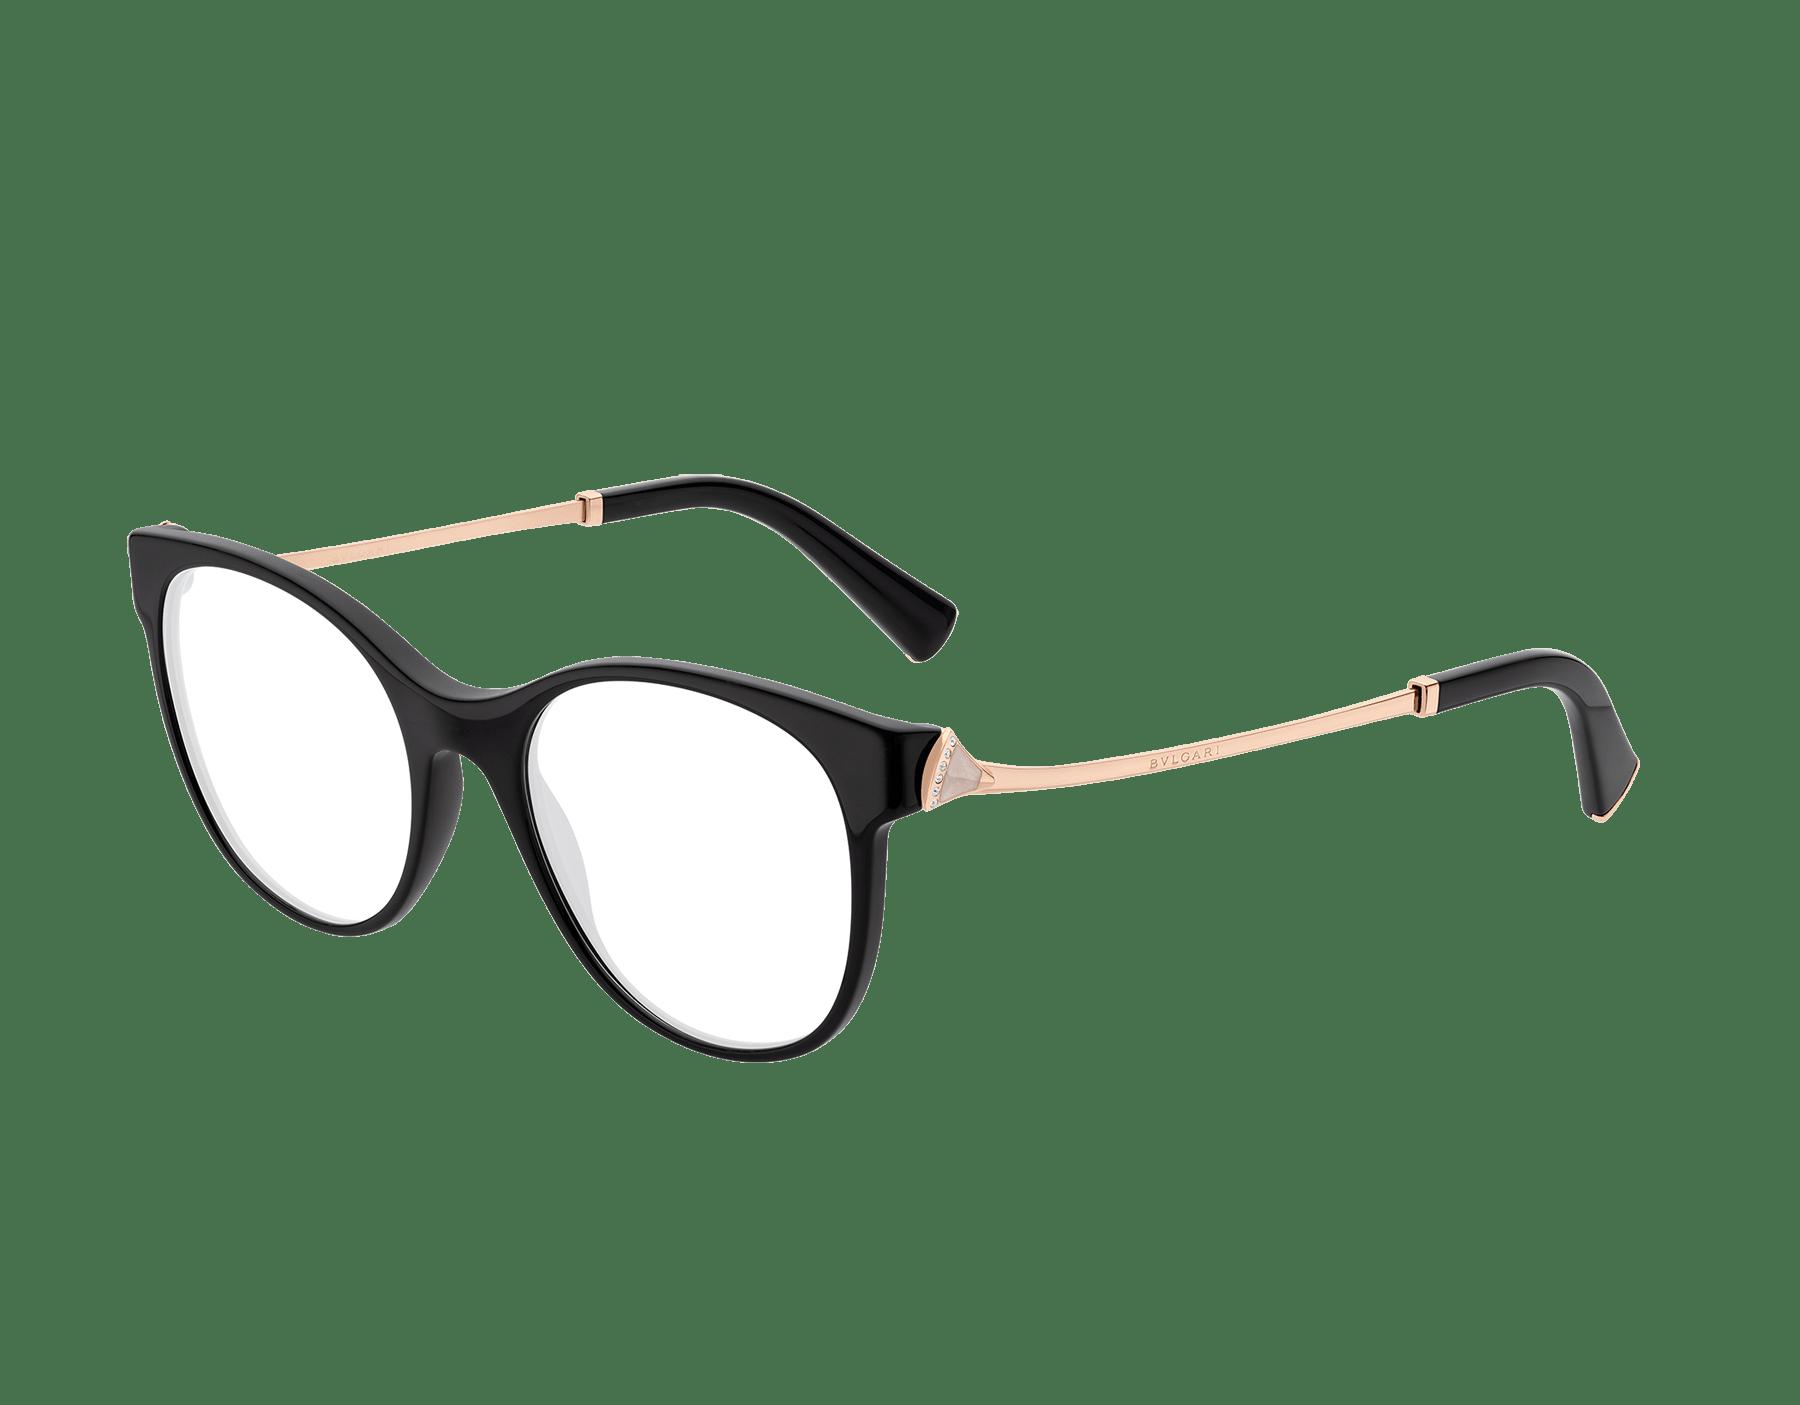 Occhiali da vista DIVAS' DREAM con montatura cat-eye in acetato. 903630 image 1